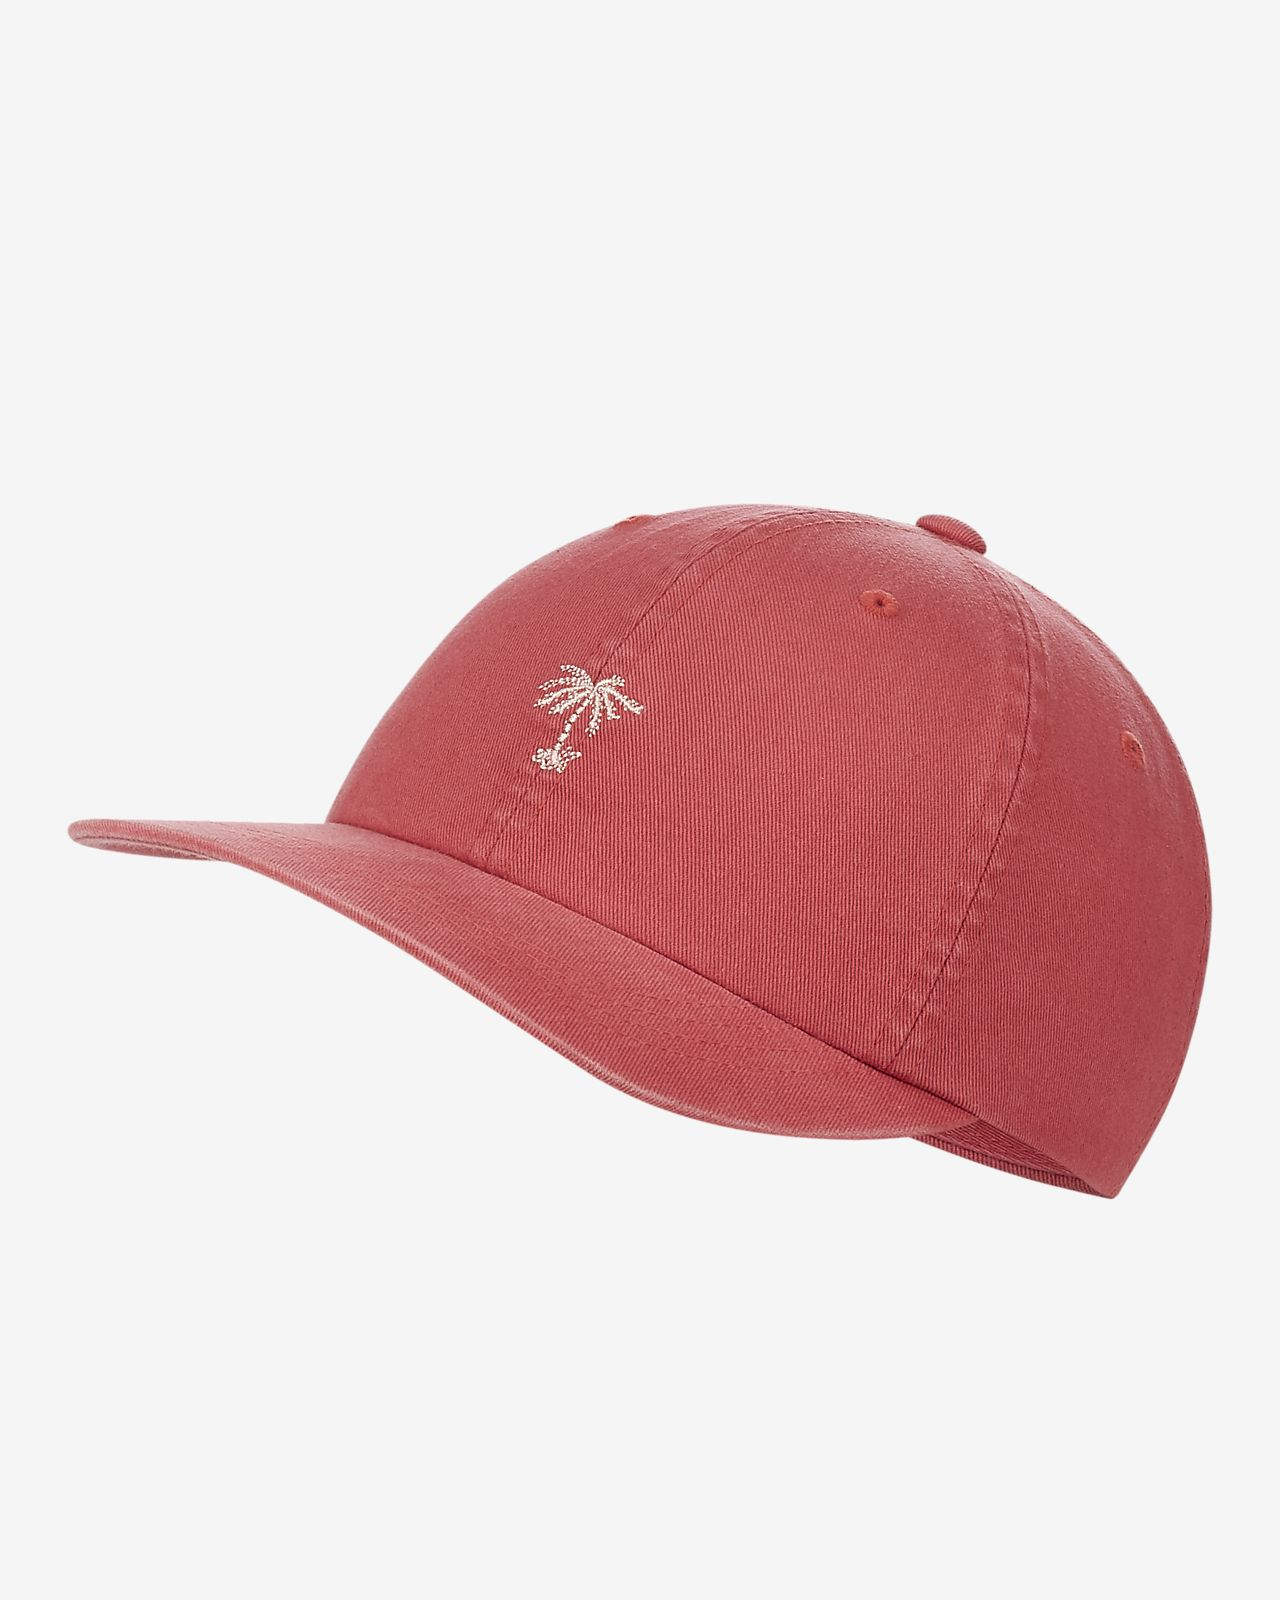 Hurley Fronds Women's Dad Hat